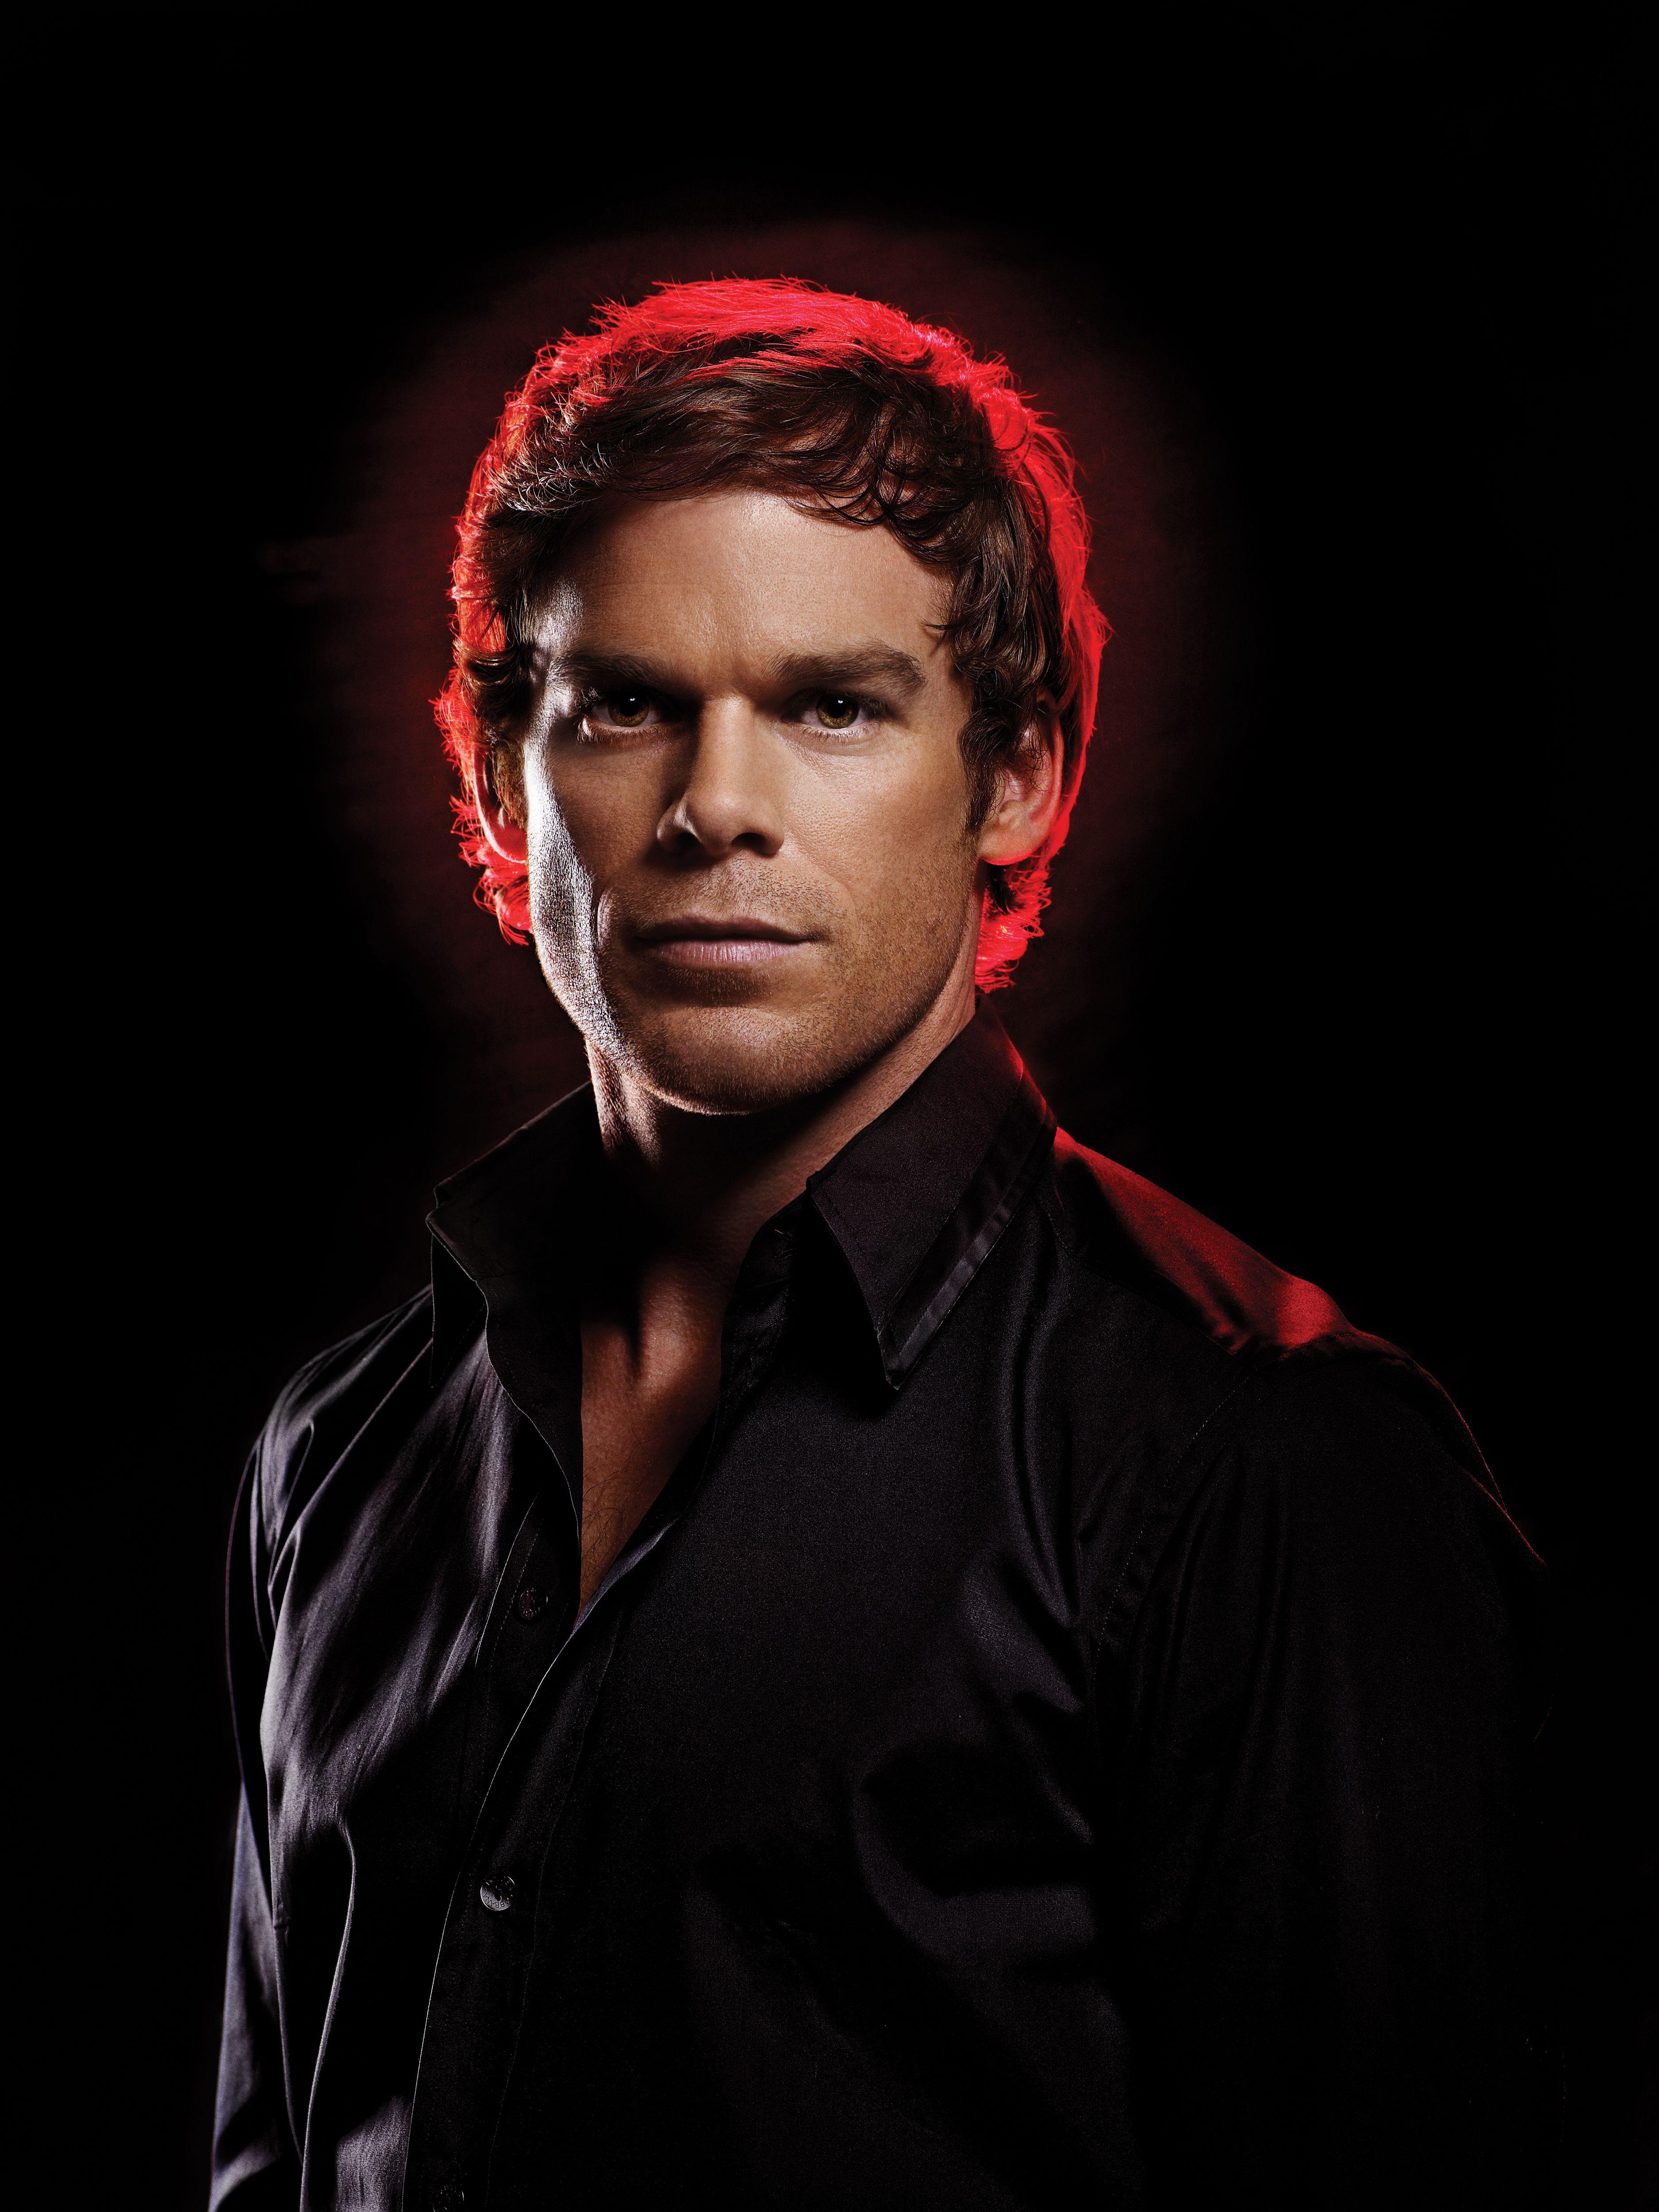 Dexter Promos Season 3 Hq Celebrity Pictures Your Favorite Source For Hq Photos Dexter Morgan Dexter Wallpaper Michael C Hall